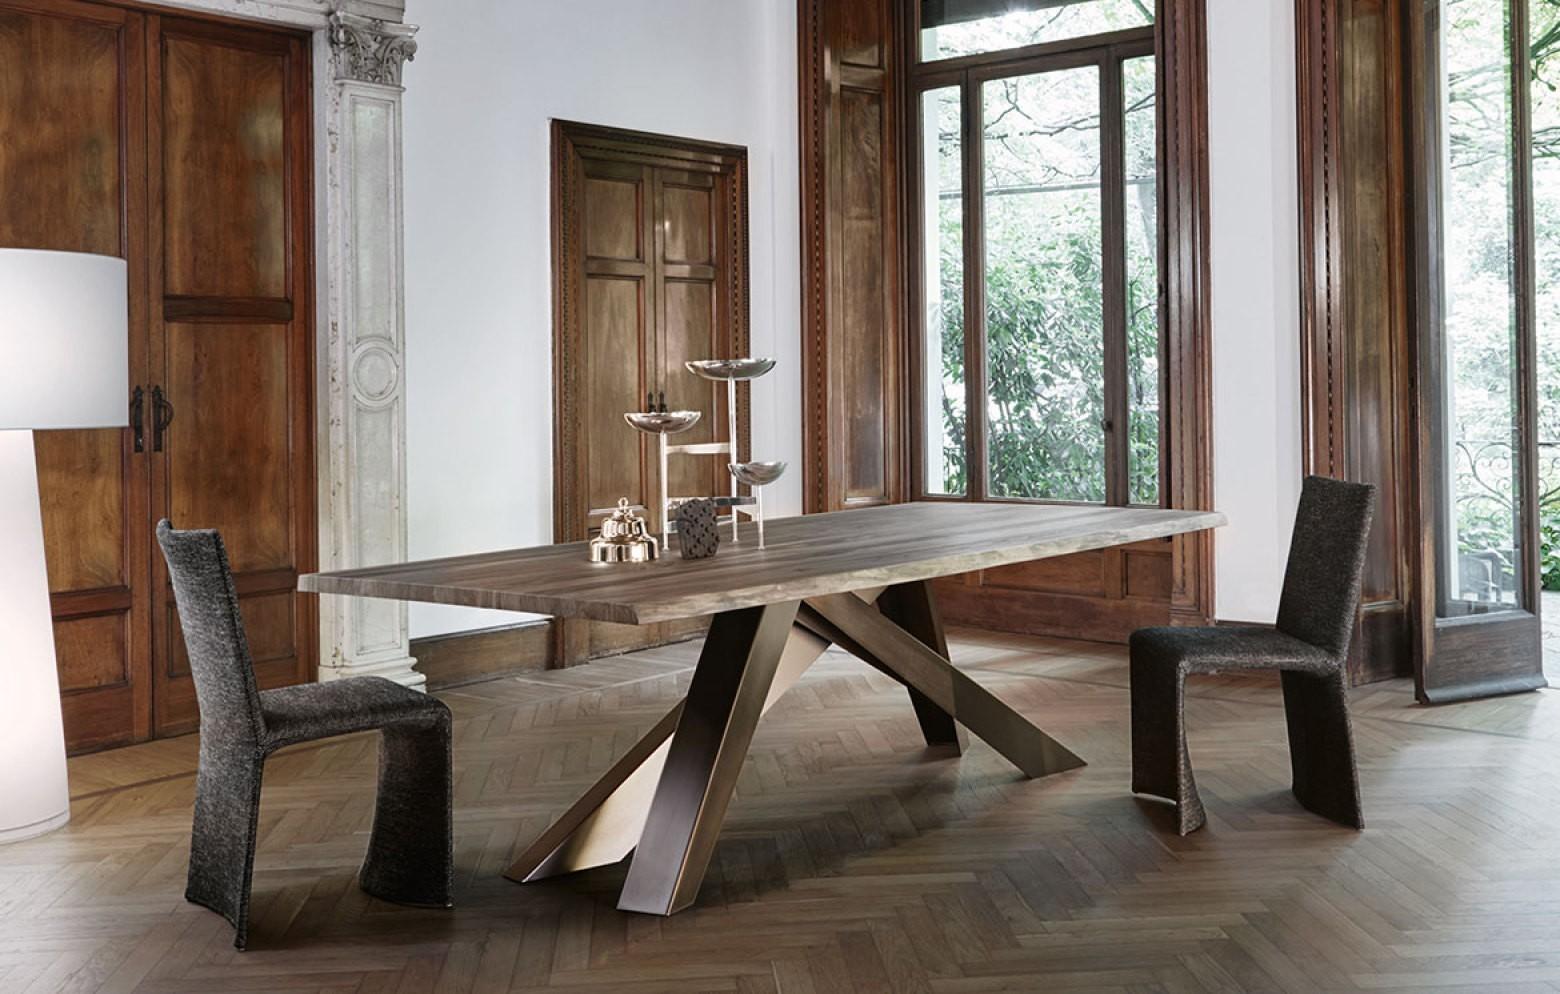 designer esstisch big table jetzt g nstig bei who 39 s